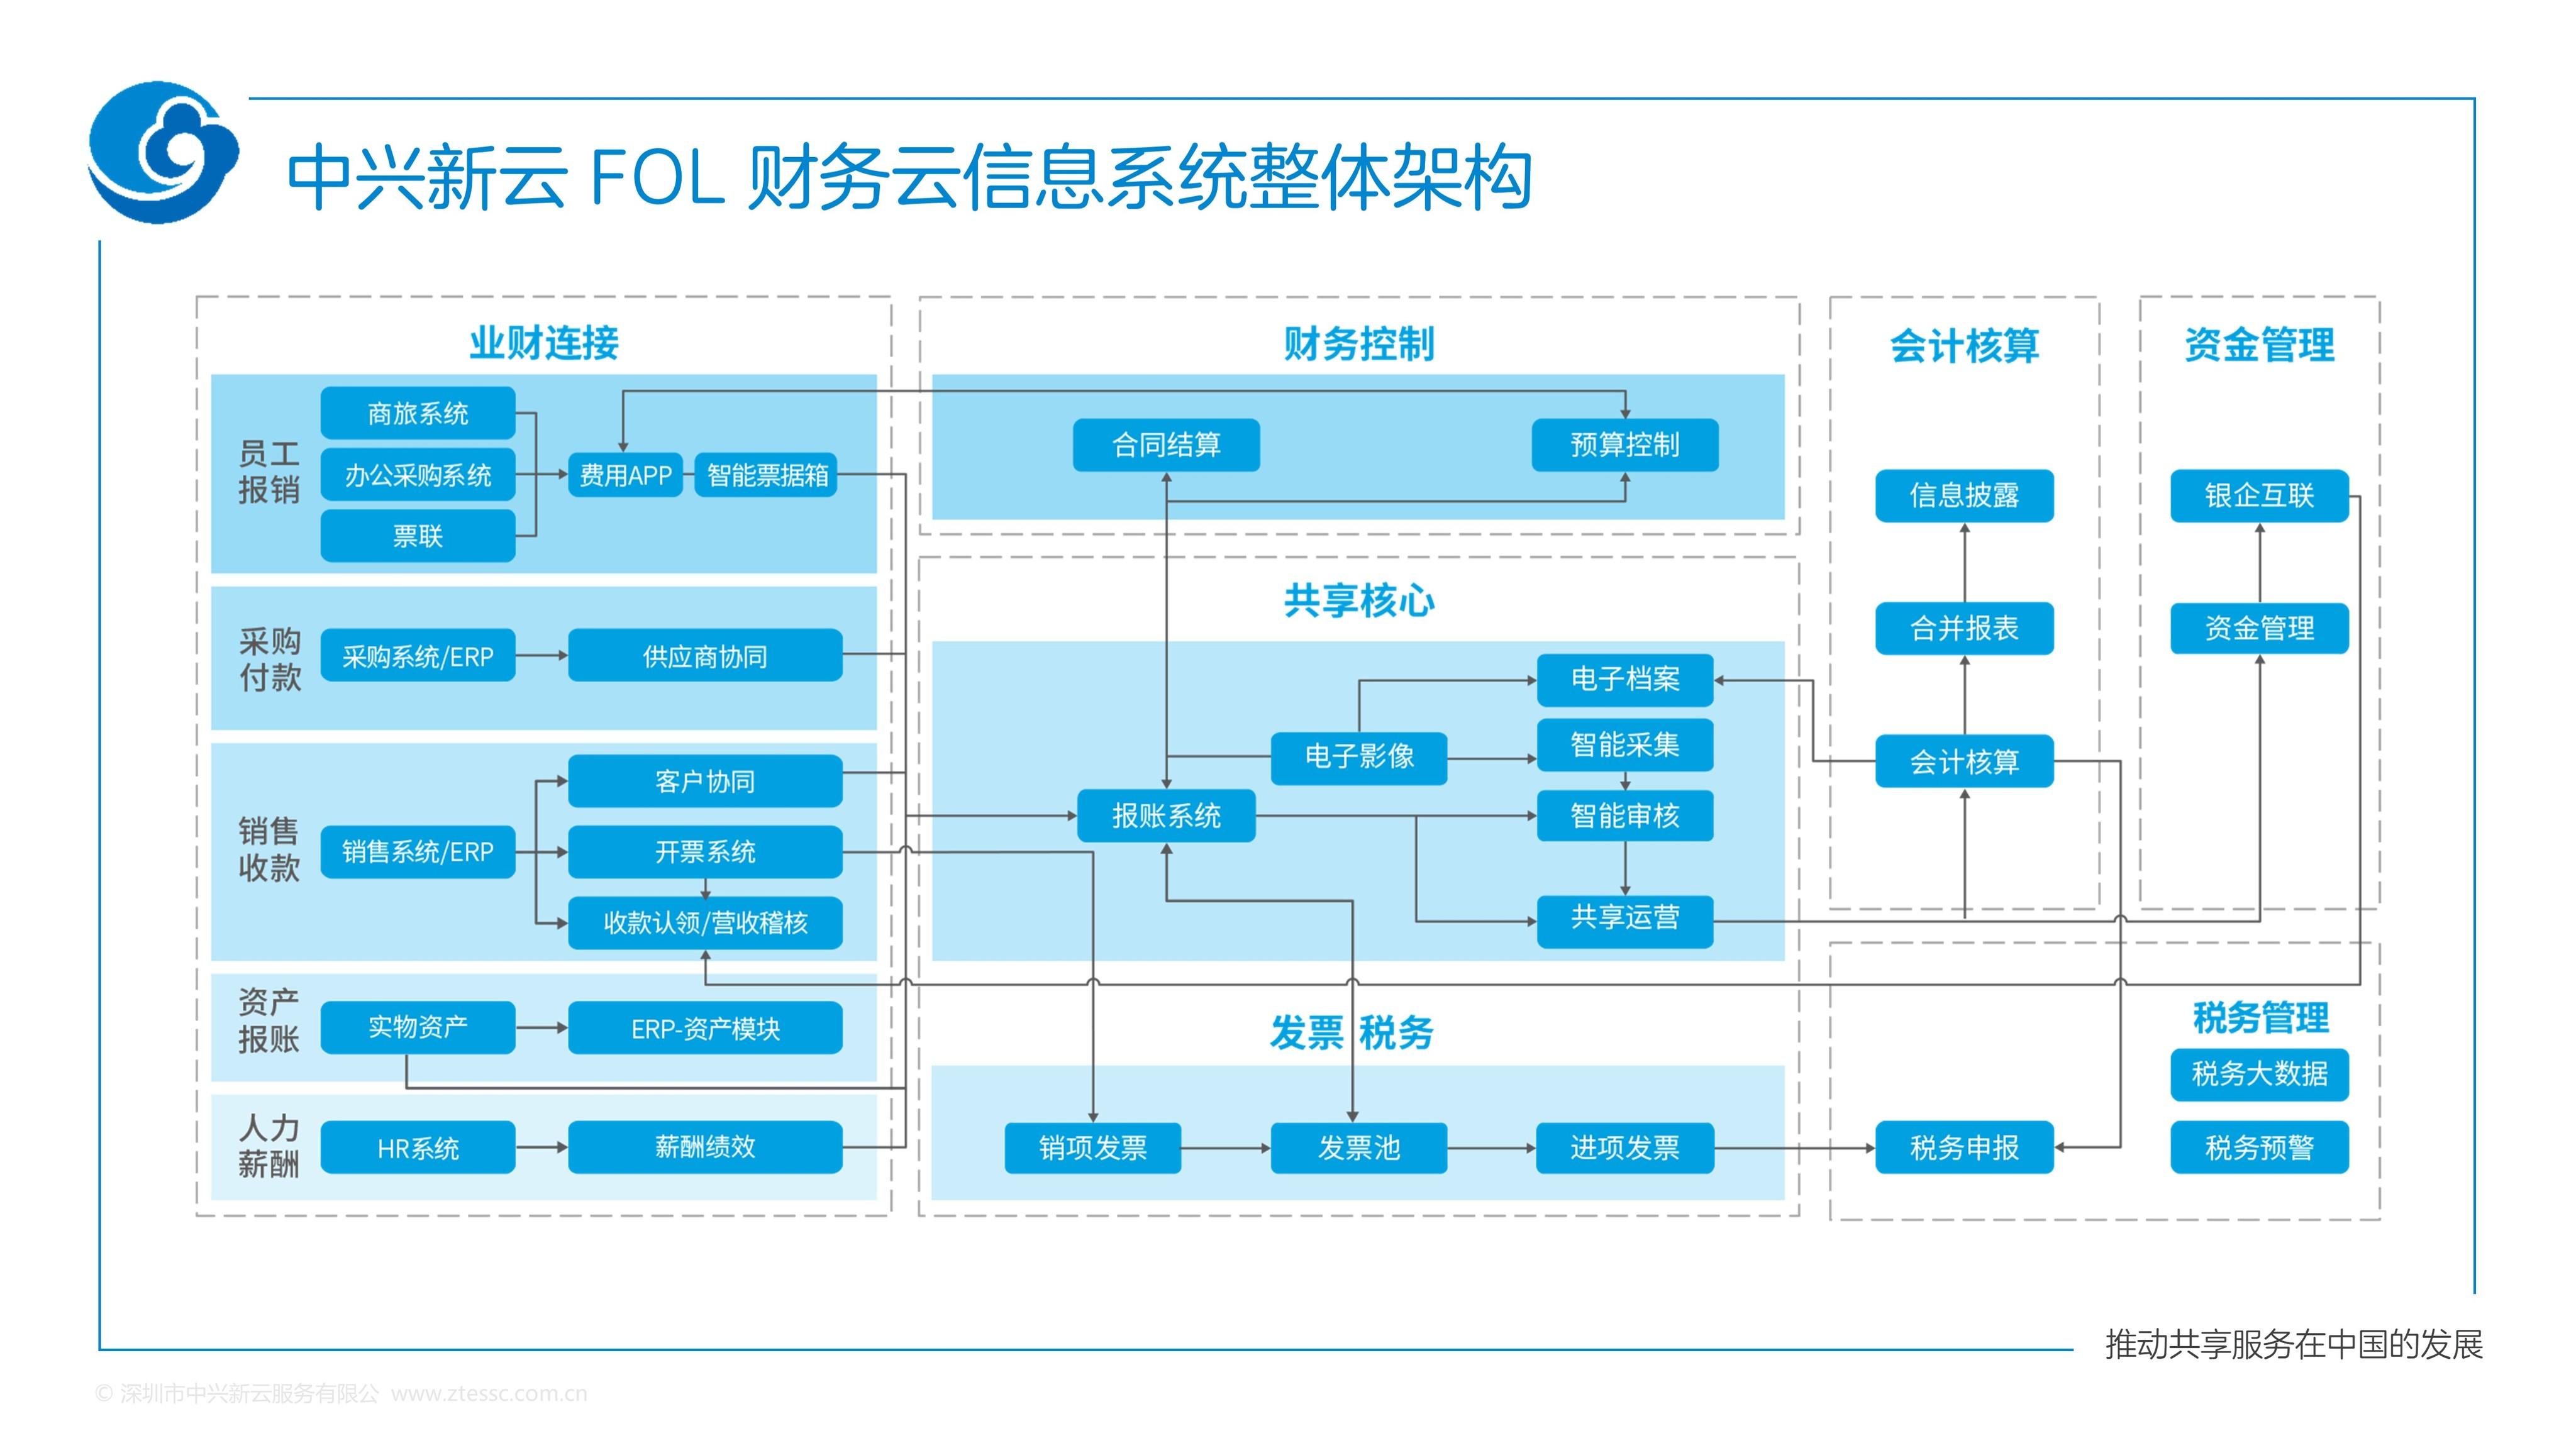 中兴新云 FOL 财务云信息系统整体架构.jpg